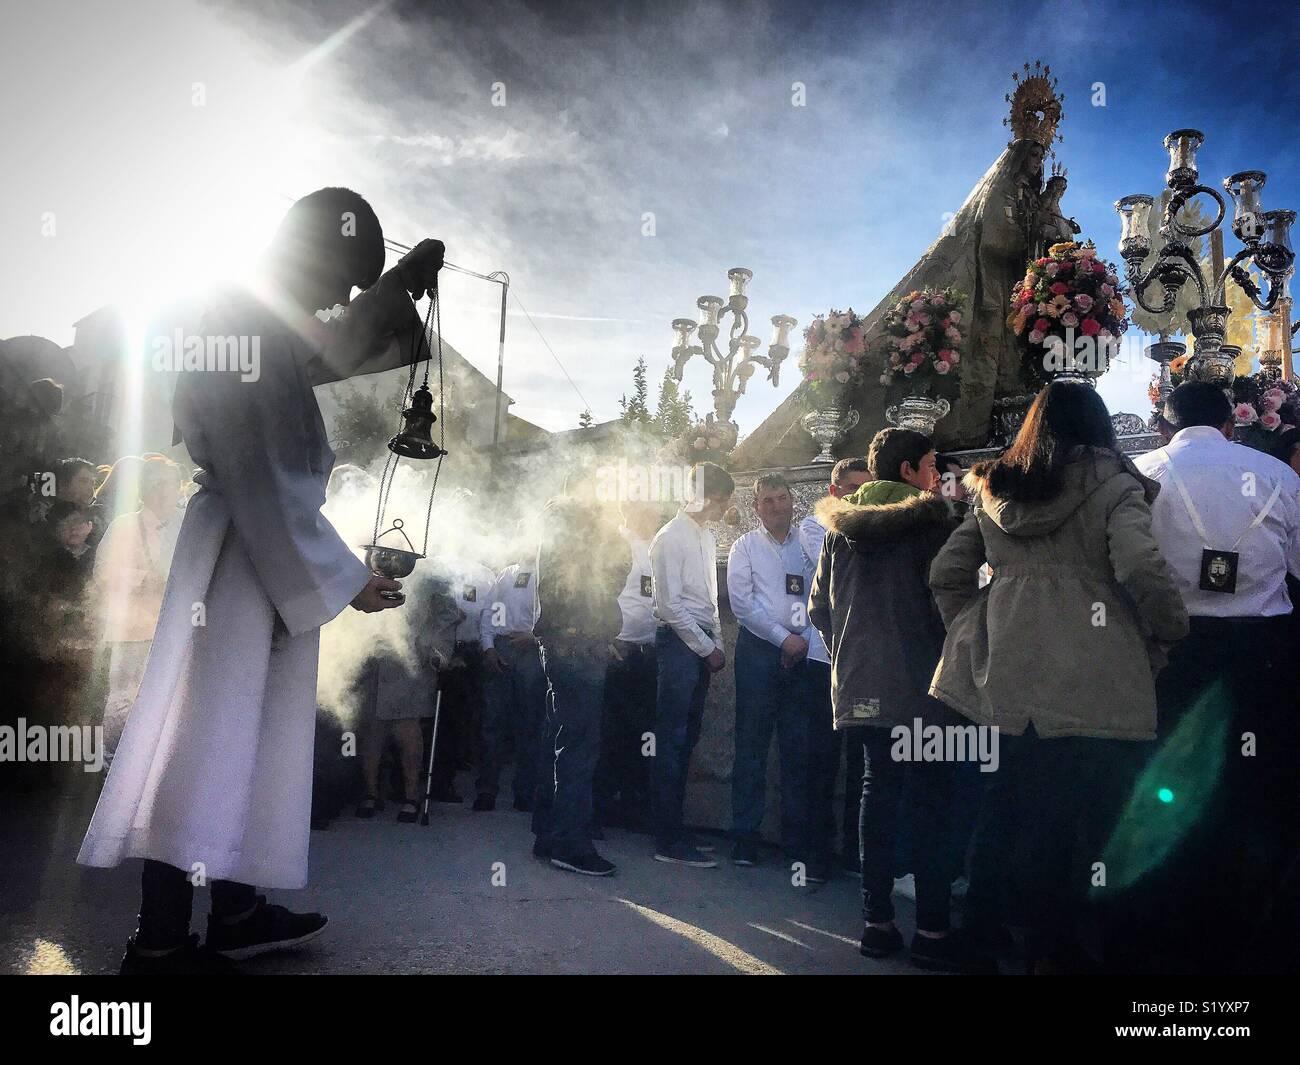 Un monaguillo se propaga incienso durante una procesión de la Virgen del Carmelo en Prado del Rey, Sierra de Cádiz, Andalucía, España Imagen De Stock